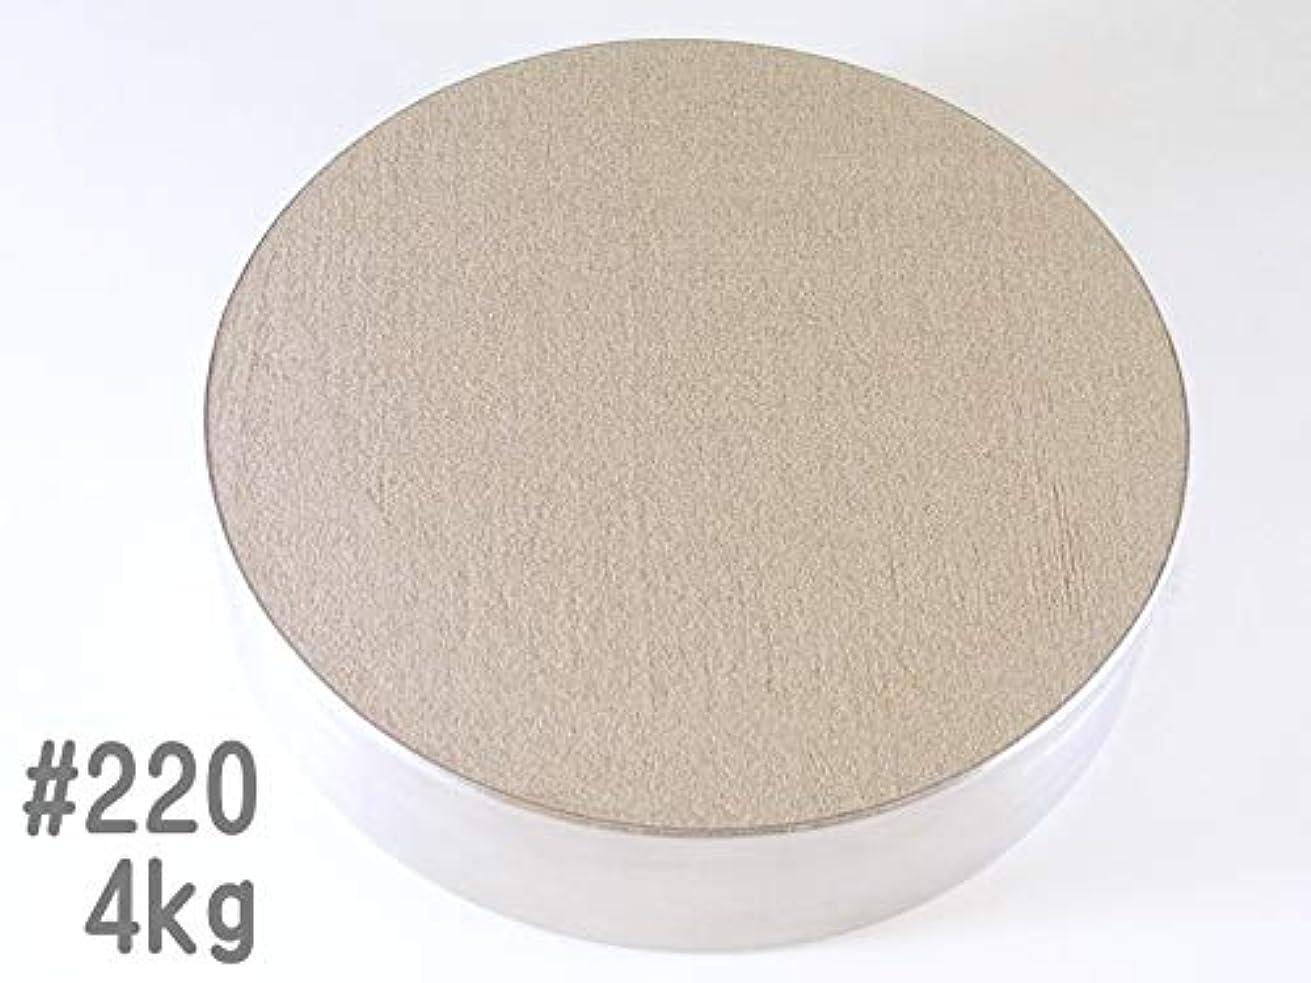 許す体系的に運ぶ#220 (4kg) アルミナサンド/アルミナメディア/砂/褐色アルミナ サンドブラスト用(番手サイズは7種類から #40#60#80#100#120#180#220 )